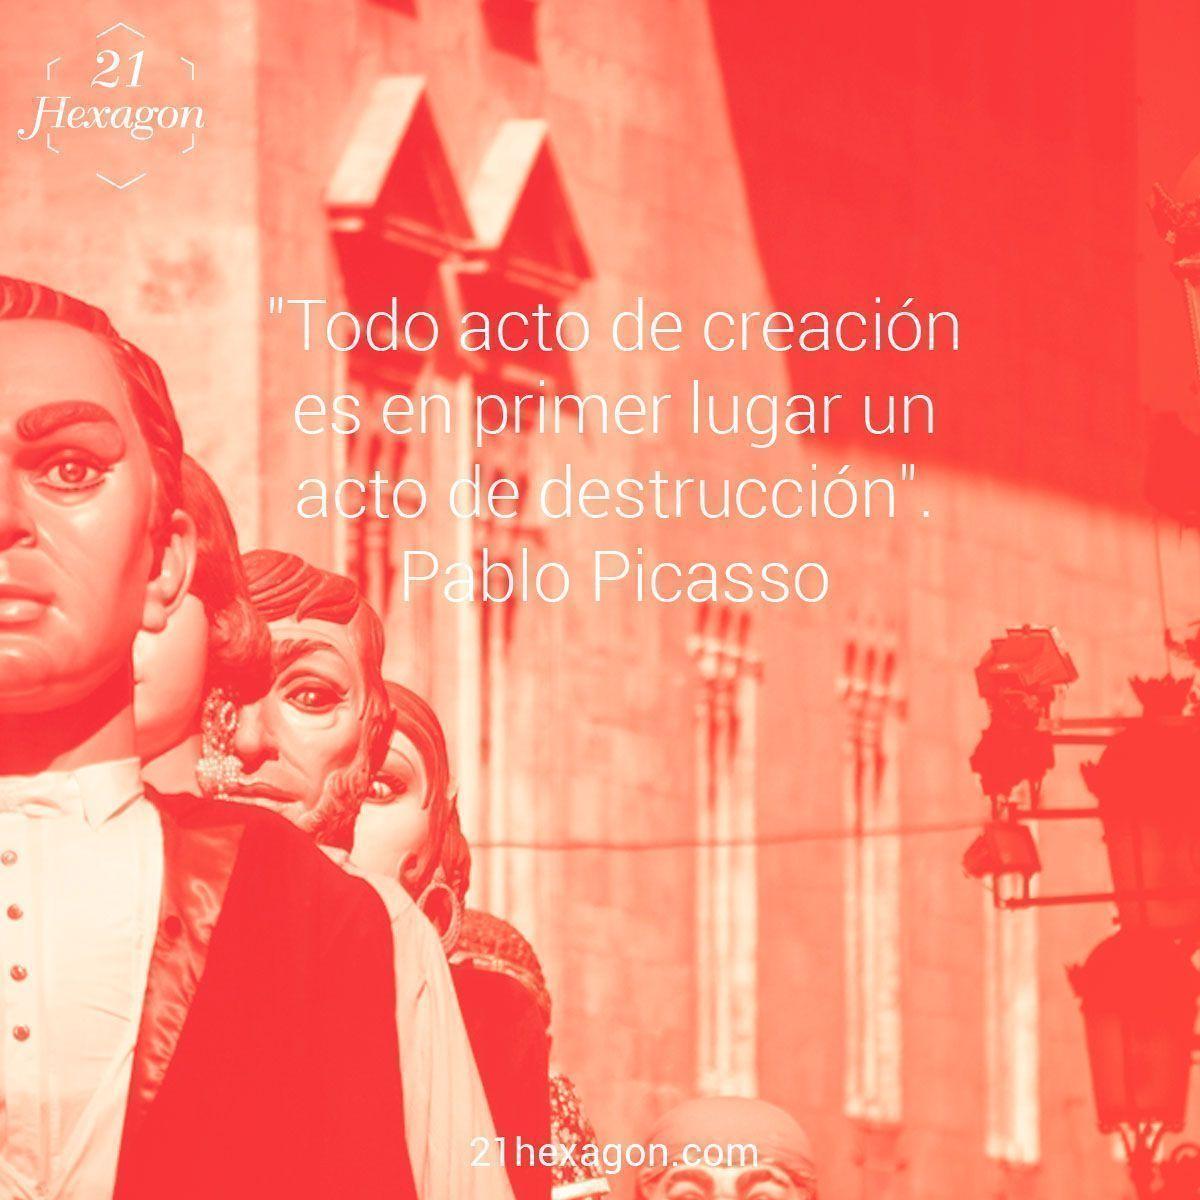 quotes_21hexagon_23.jpg